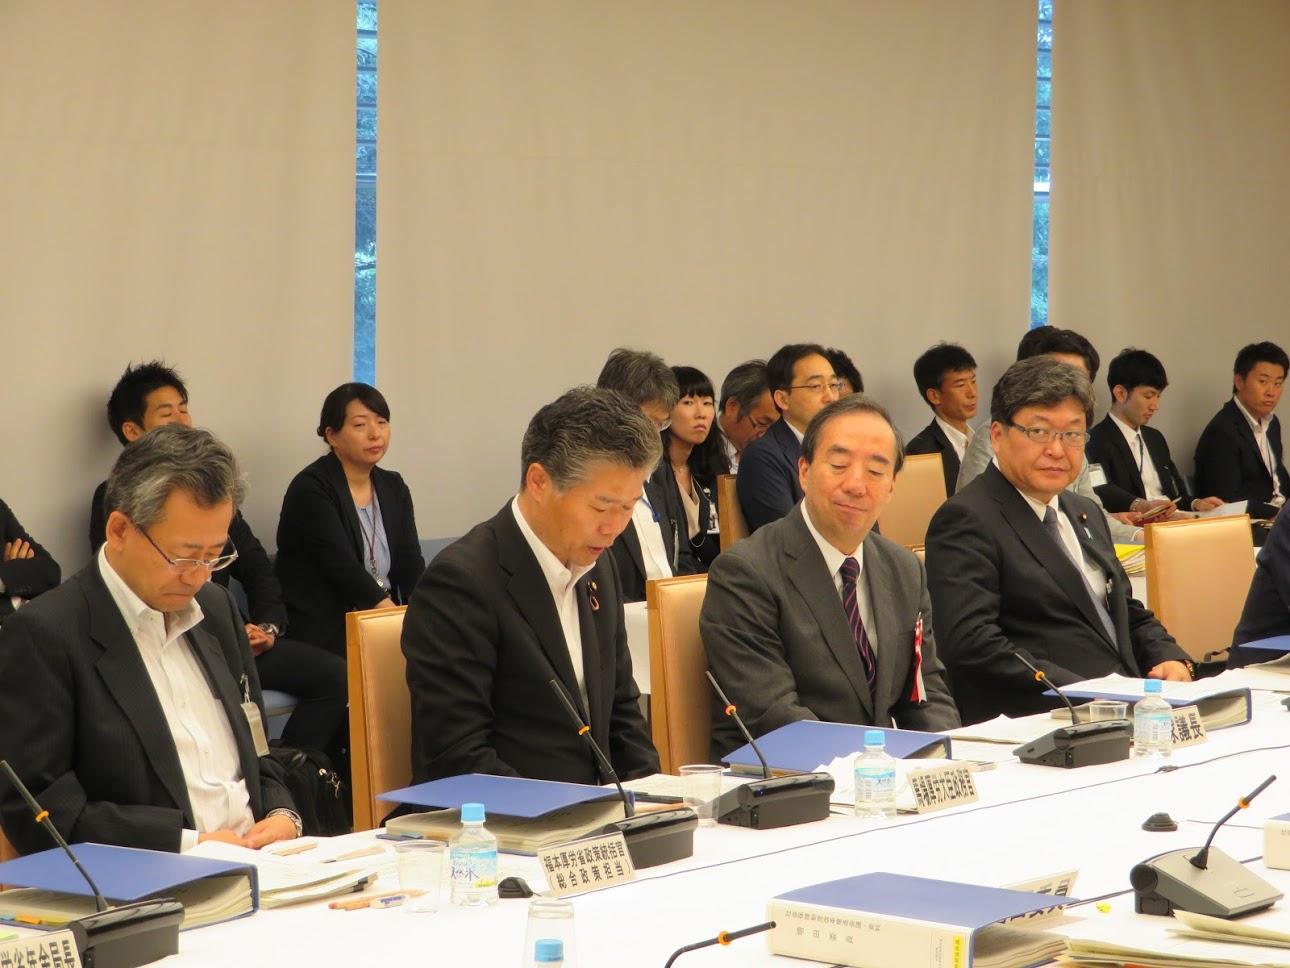 社会保障制度改革推進会議